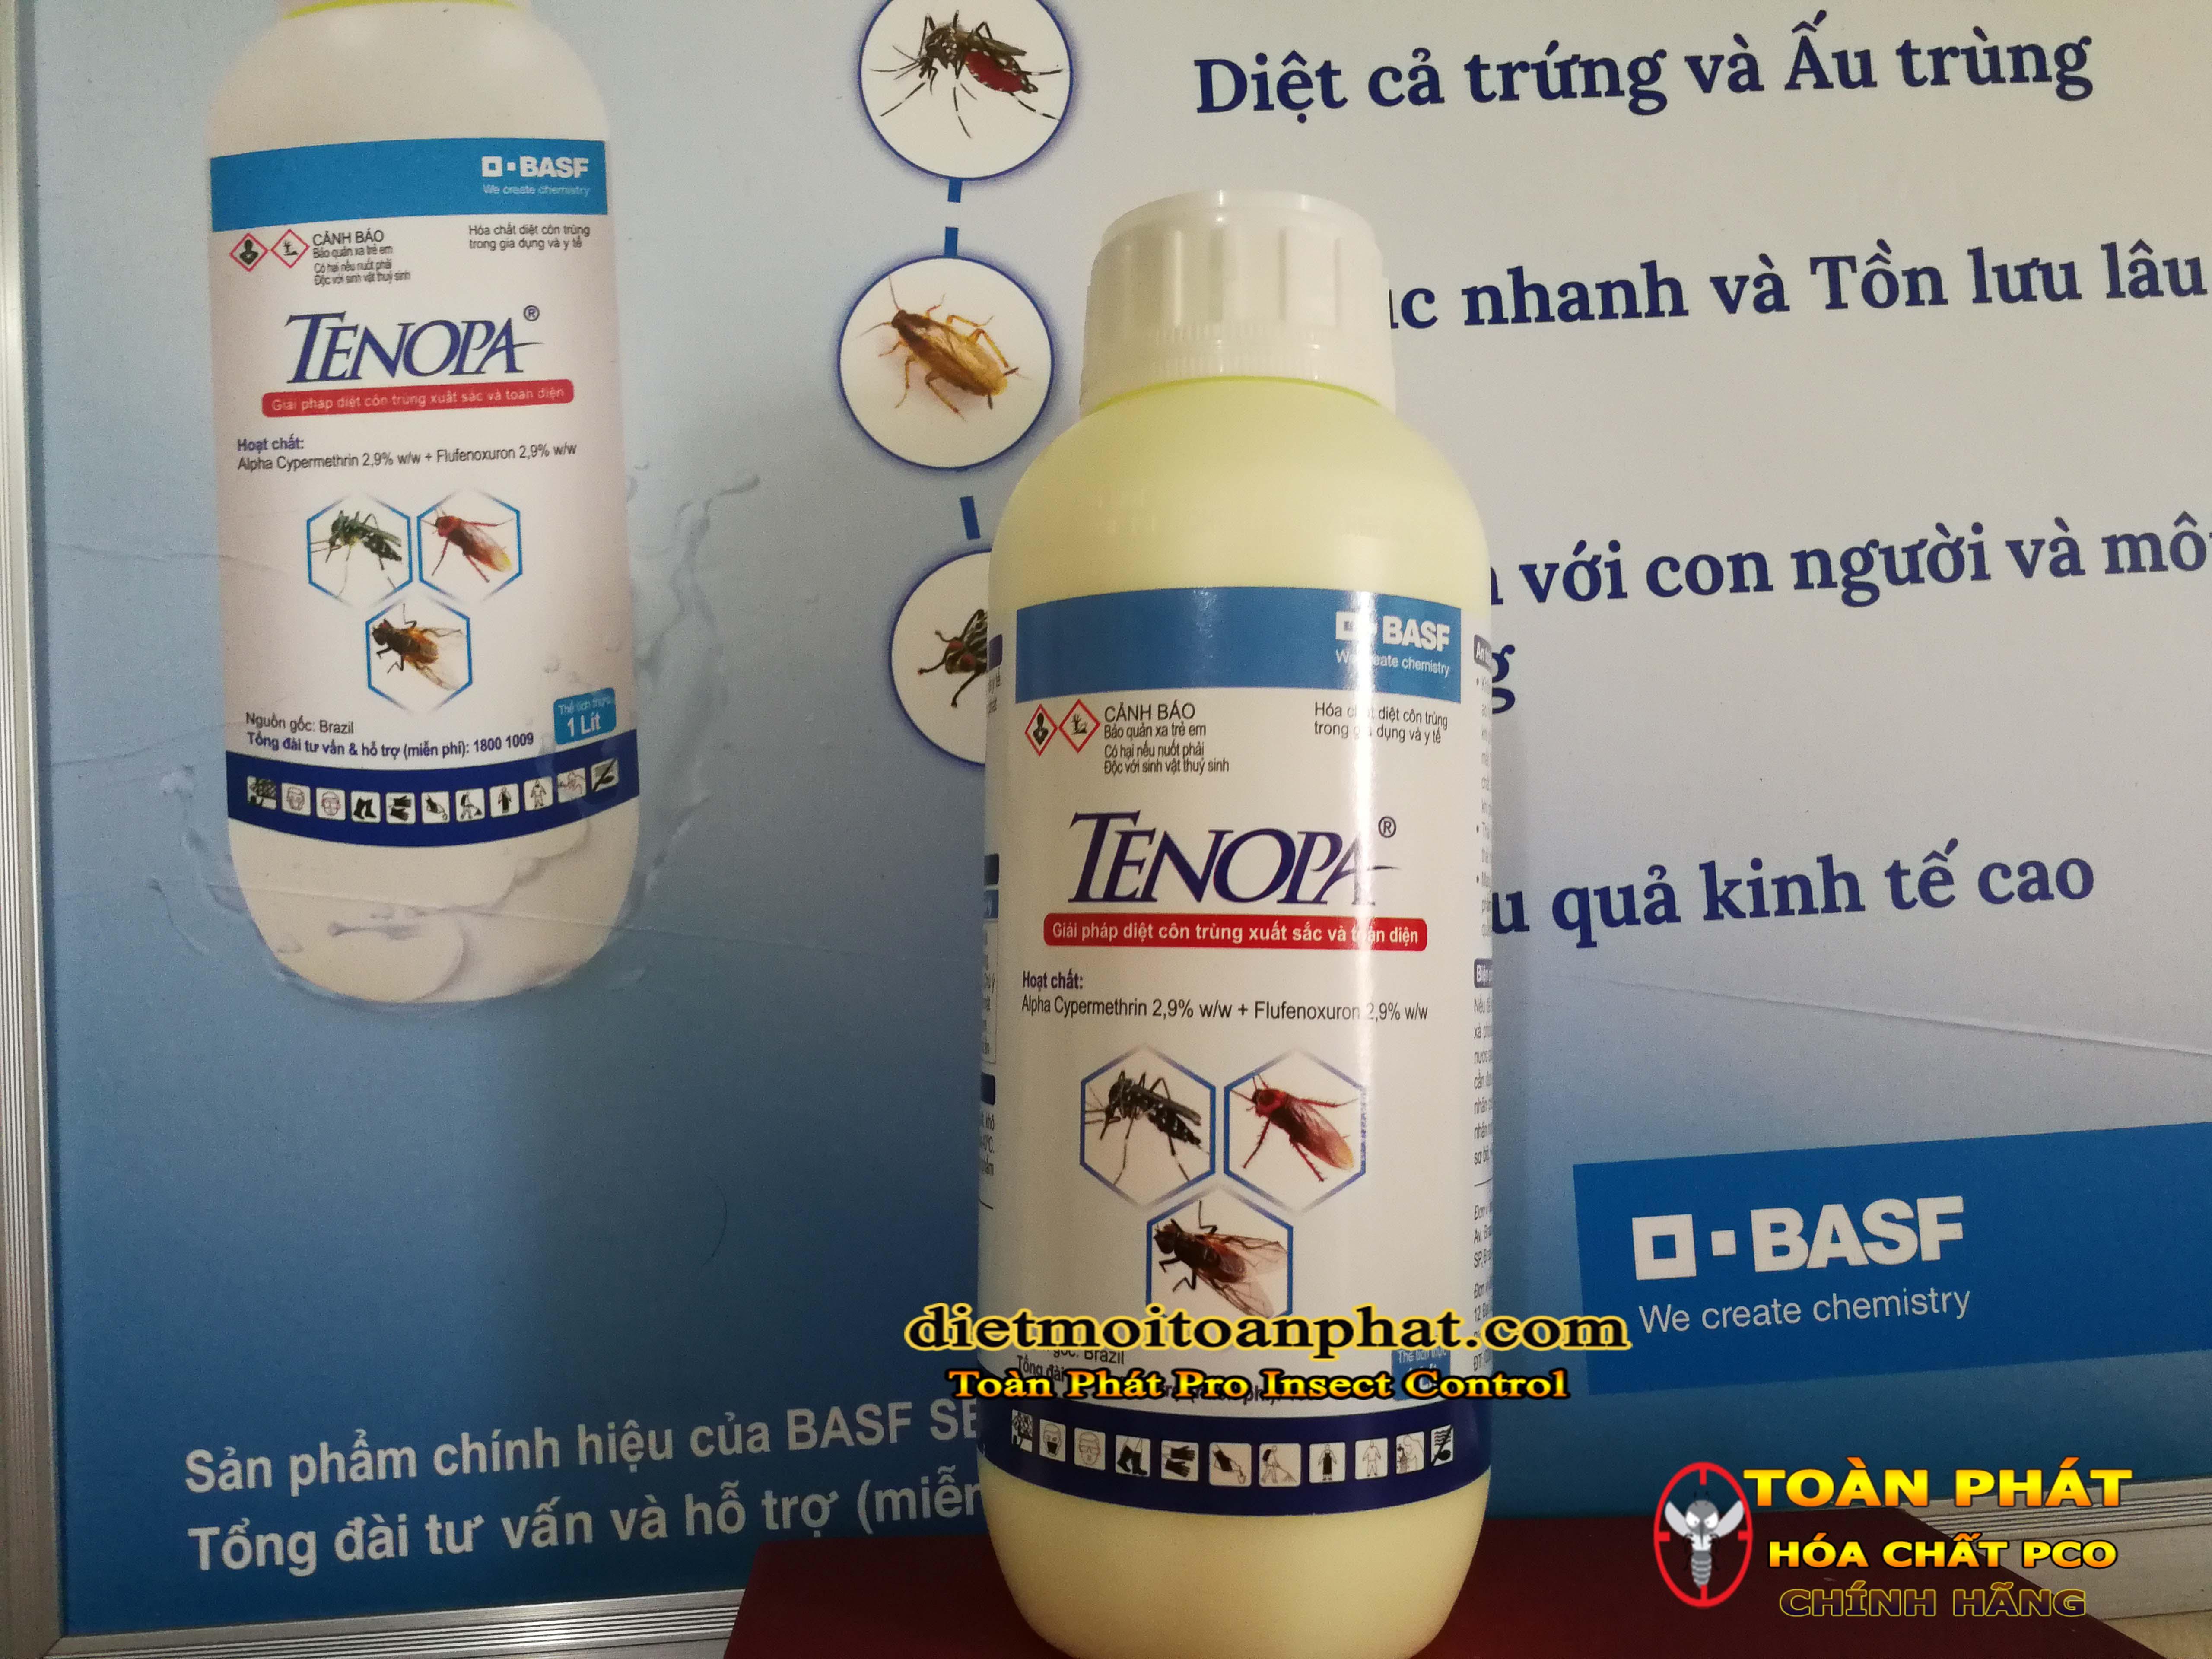 Thuốc diệt côn trùng Tenopa BASF